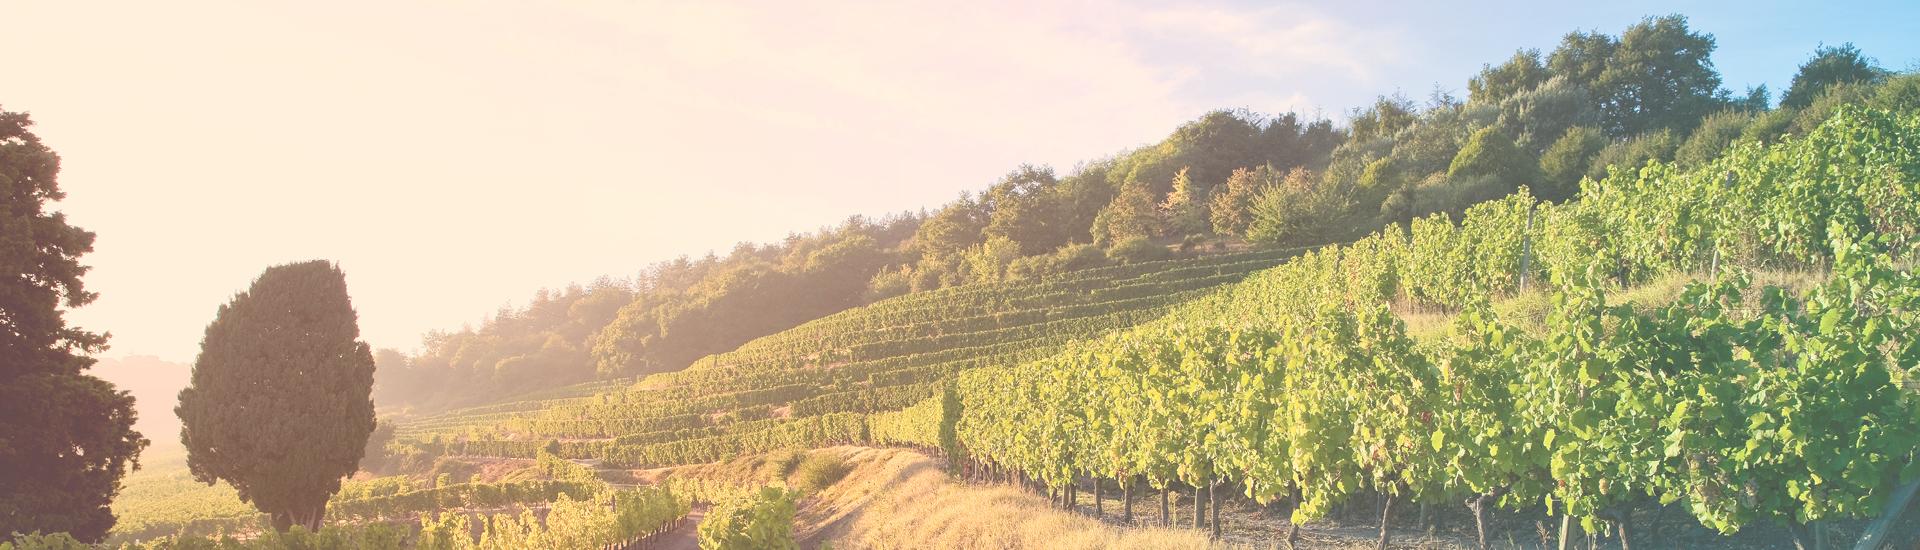 Weine - Bordeaux 2015 und Jahrgangsvielfalt bis -20% 05/2018 - Slider